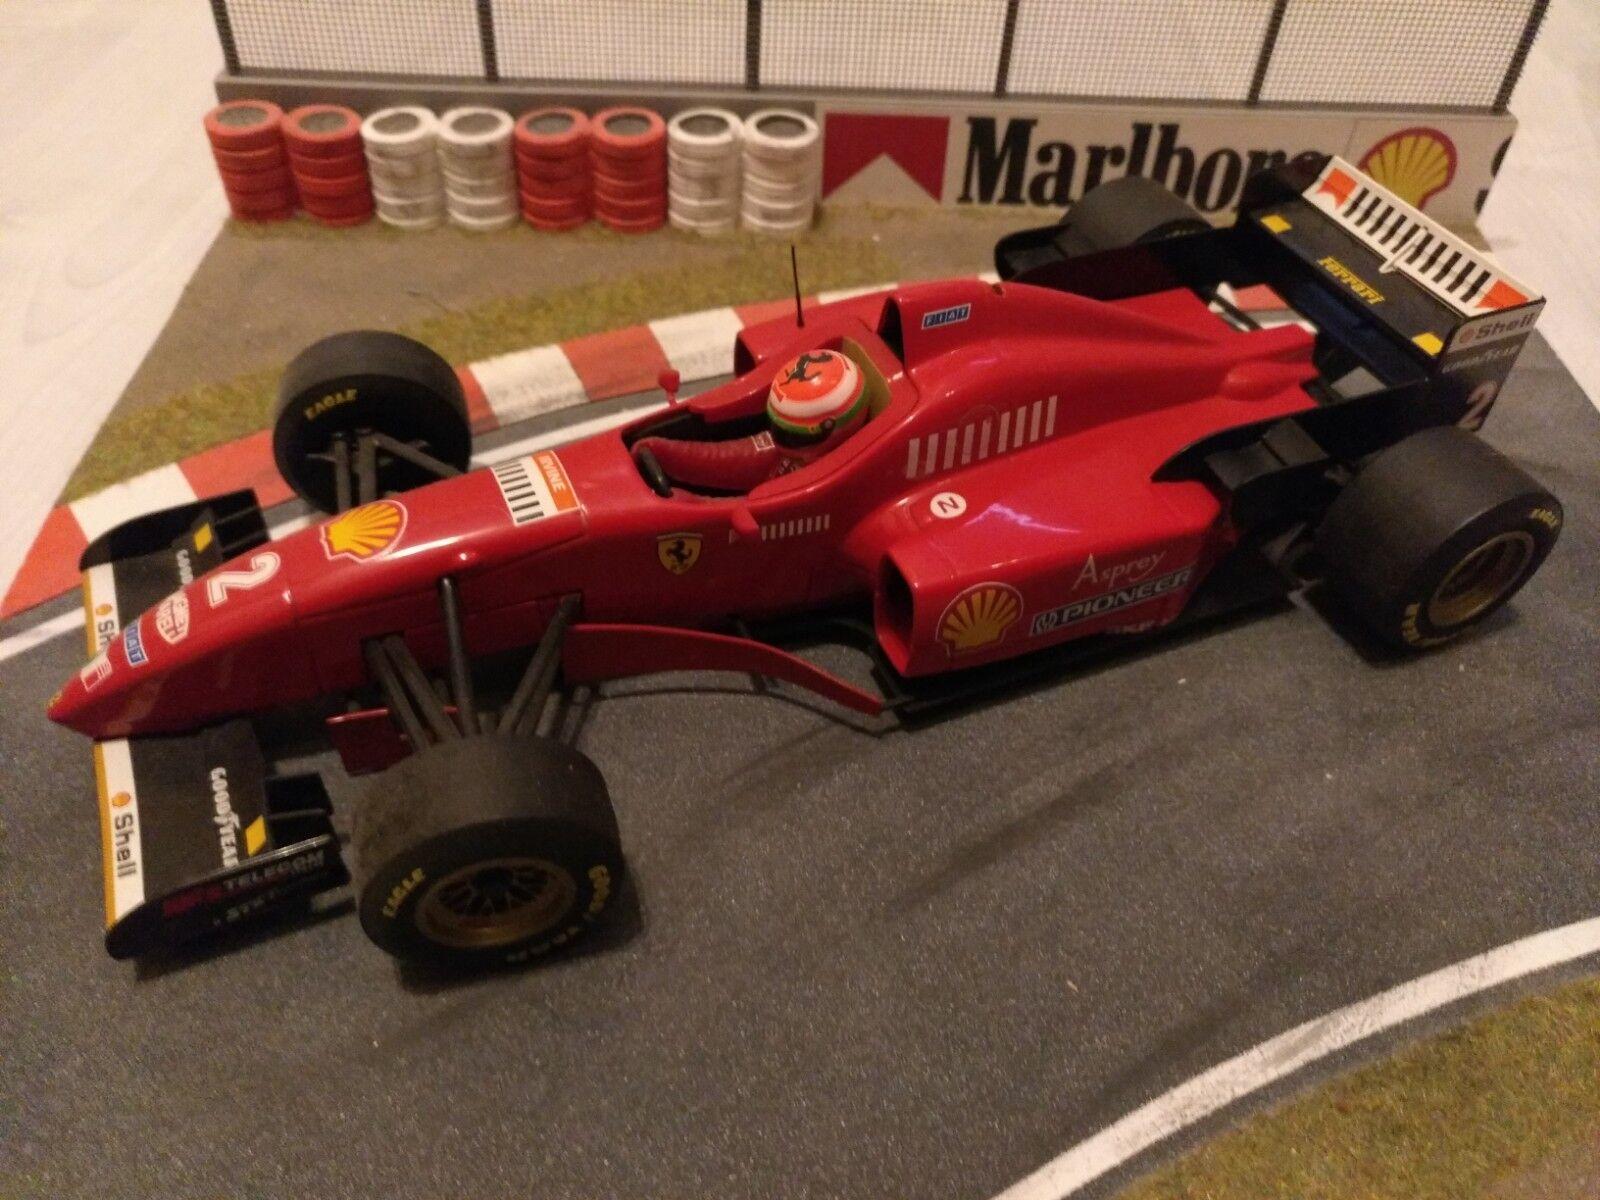 Ferrari 1 18 Minichamps F310 Eddy Irvine